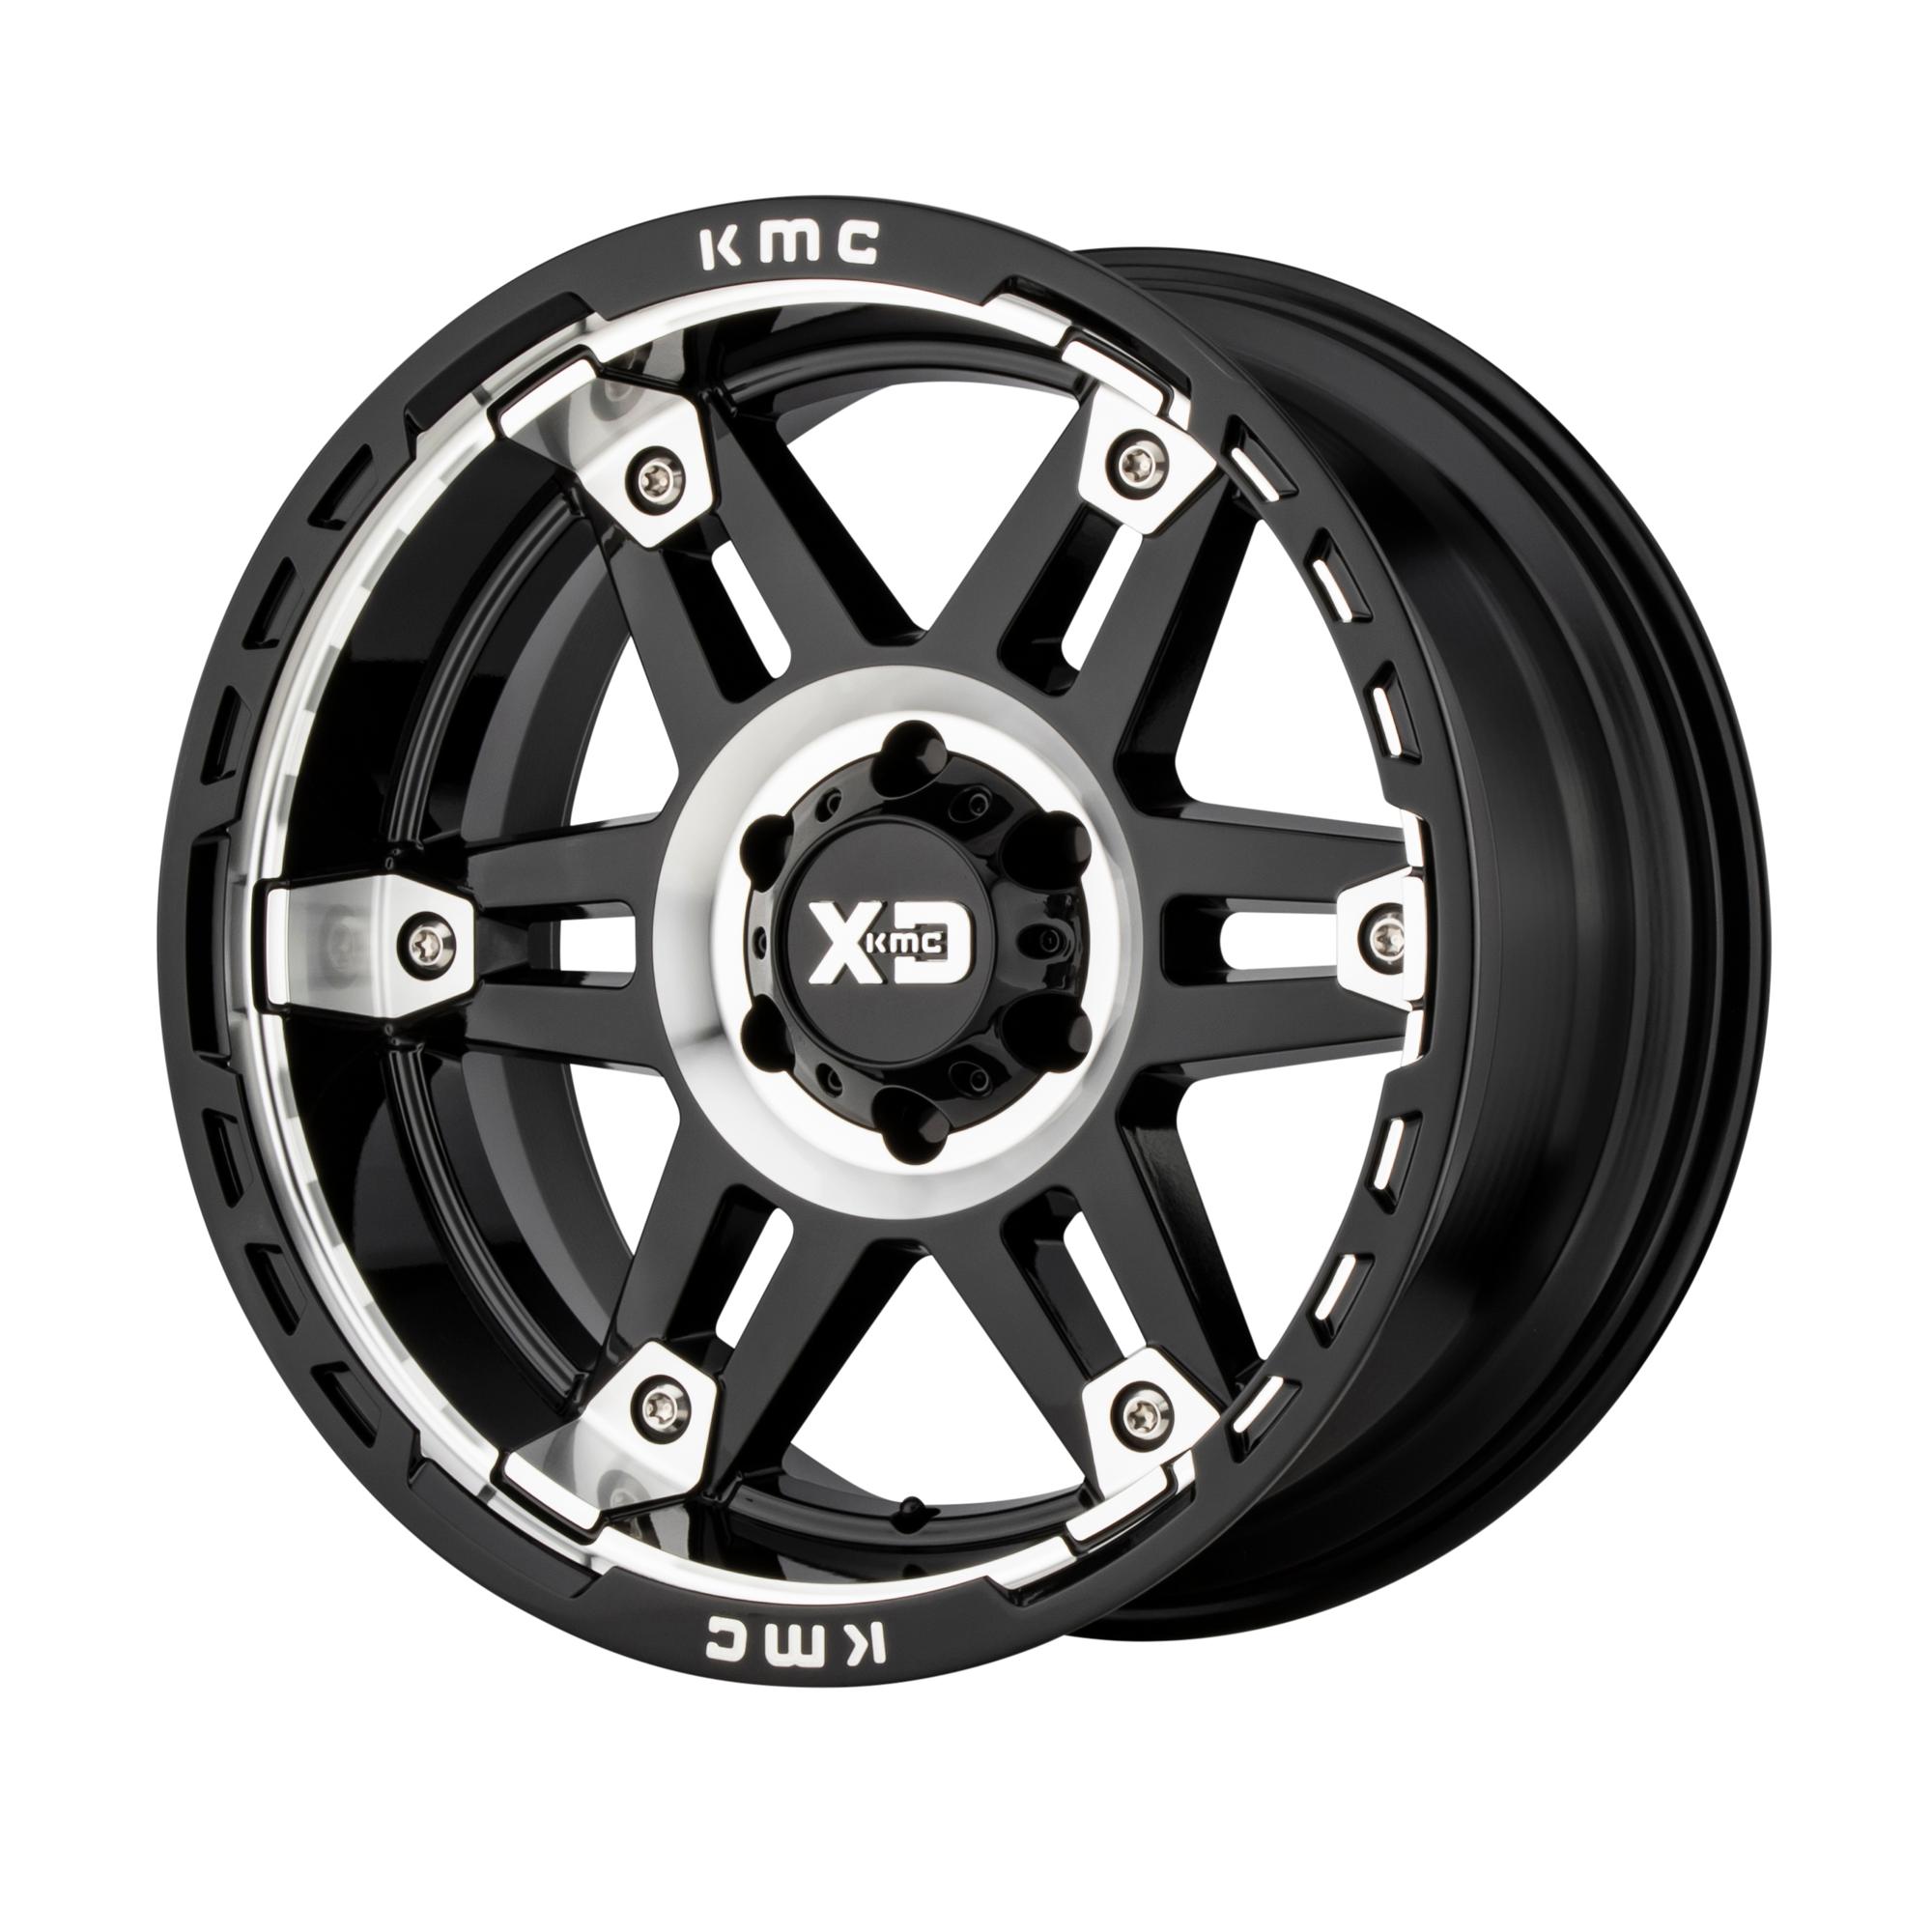 XD SERIES XD840 SPY II hliníkové disky 8x17 6x139,7 ET18 Gloss Black Machined